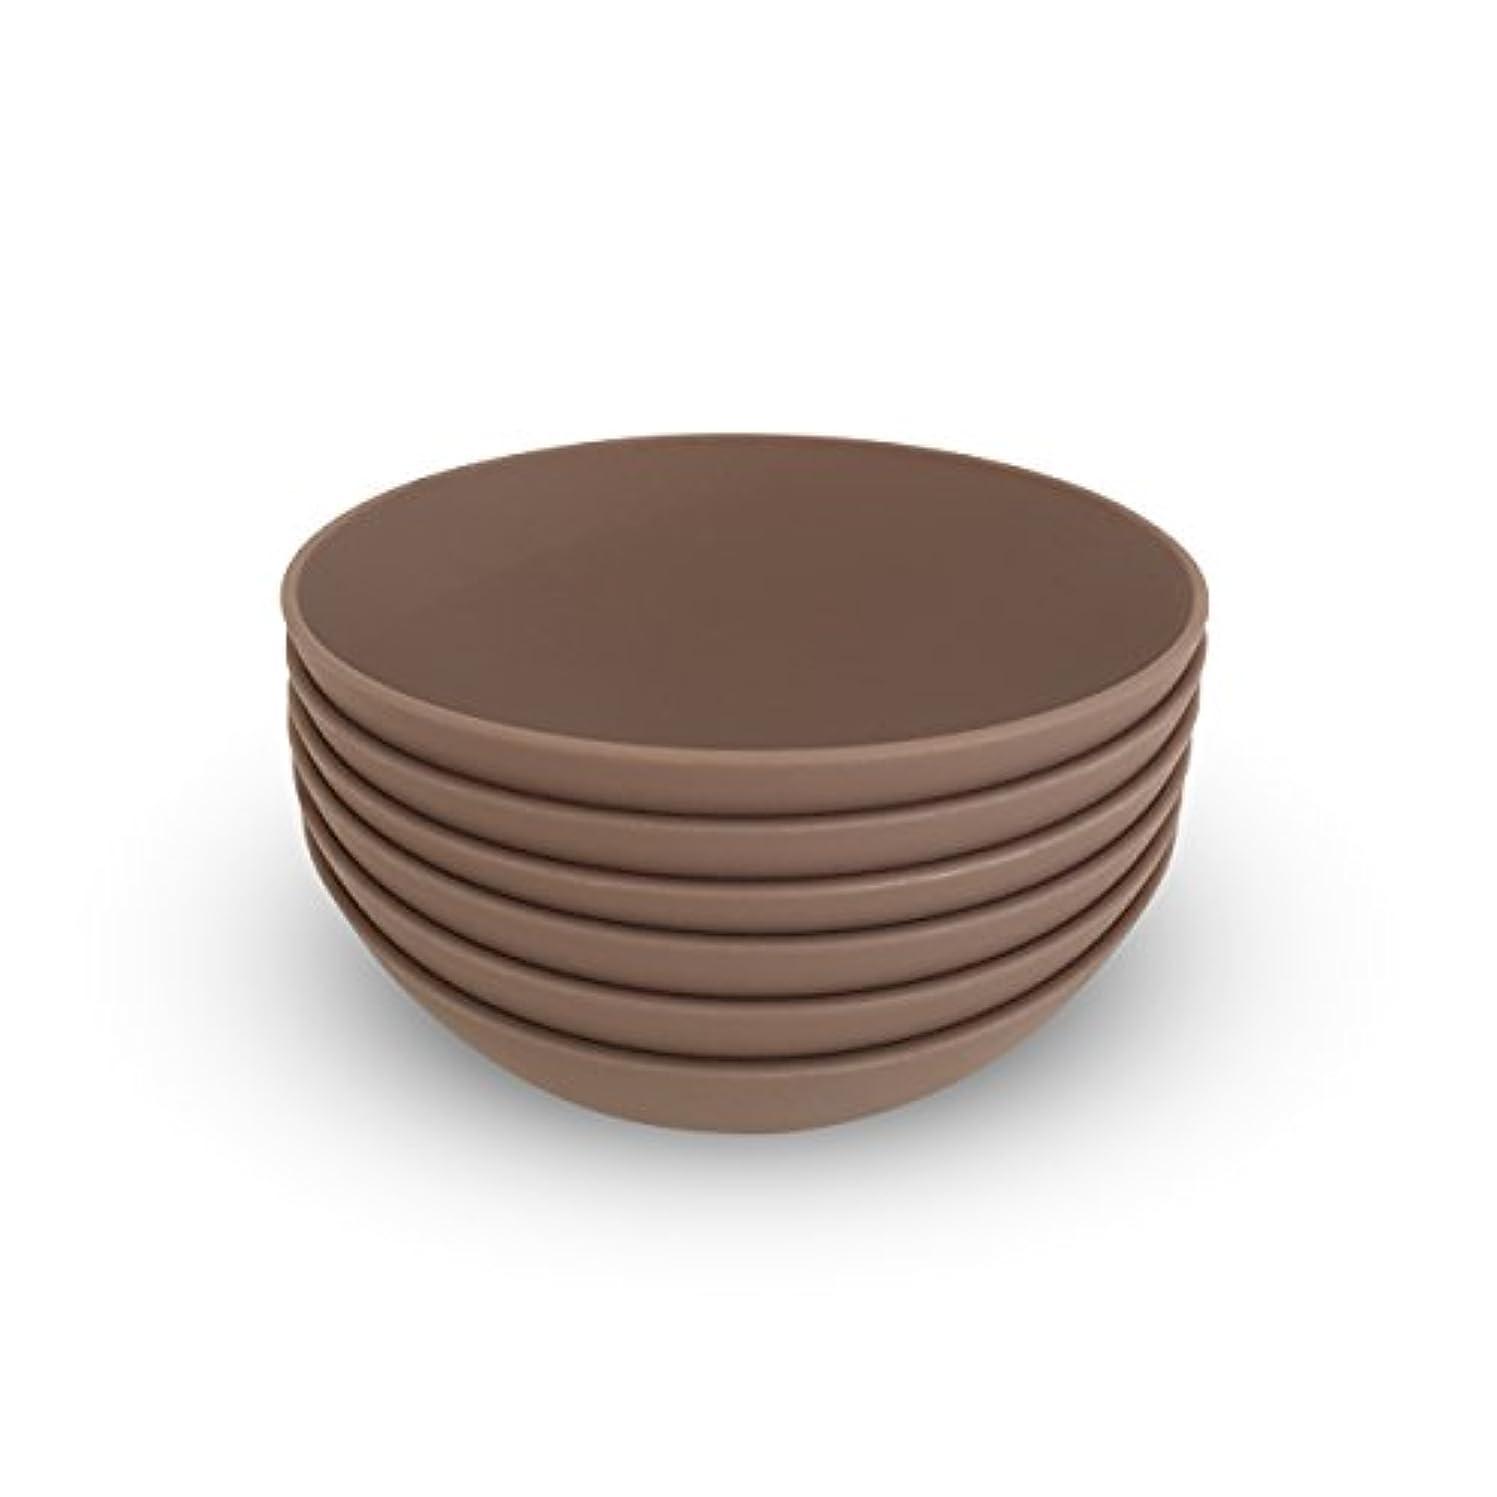 静かな目を覚ますコウモリCOZA design- Cozy Large Bowl set- 17 oz Set of 6 グレー